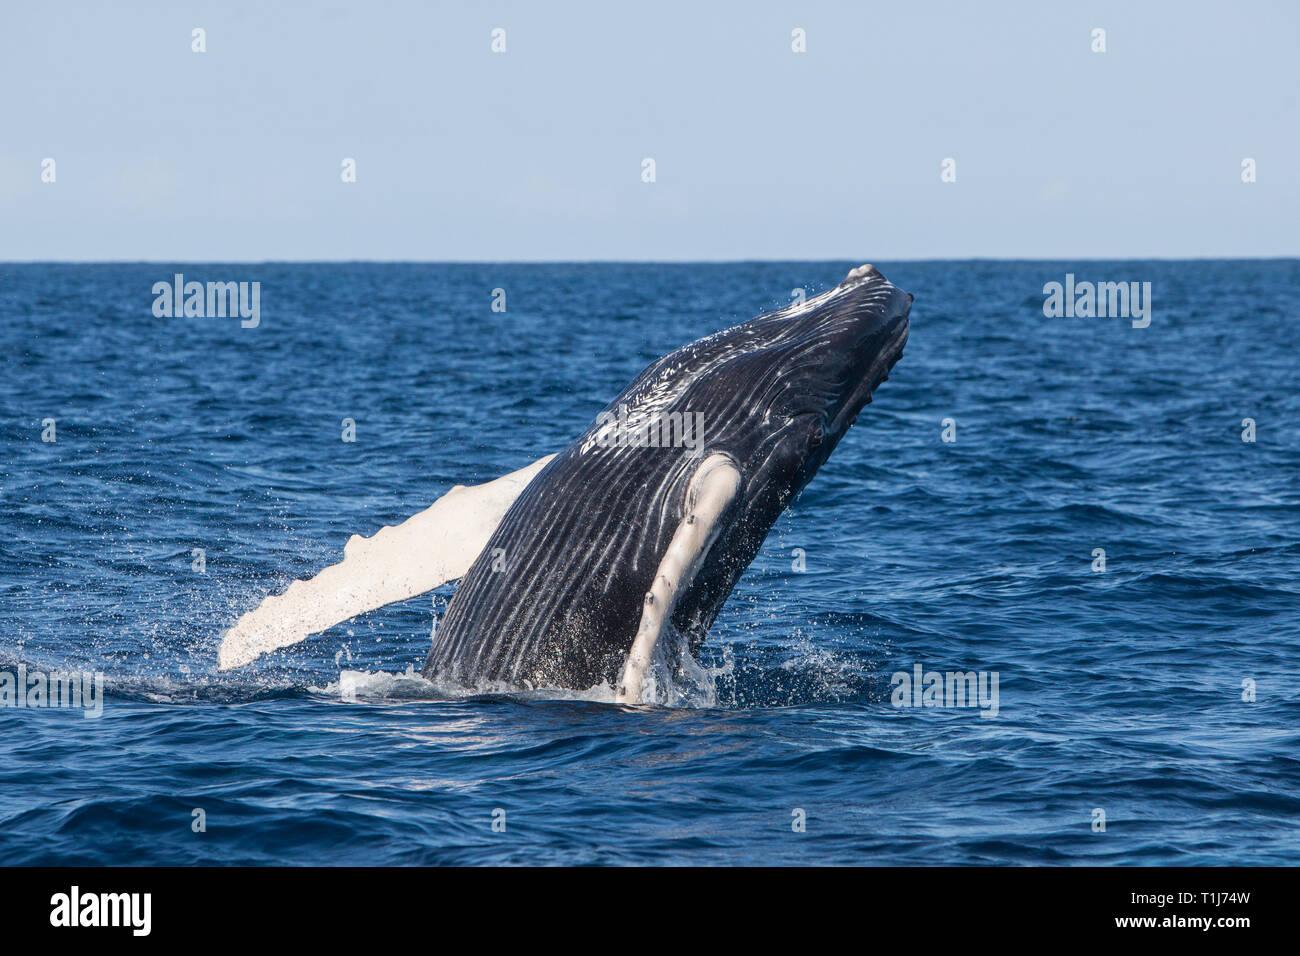 Una joven ballena jorobada, Megaptera novaeangliae, infracciones de las azules aguas del Mar Caribe. Foto de stock